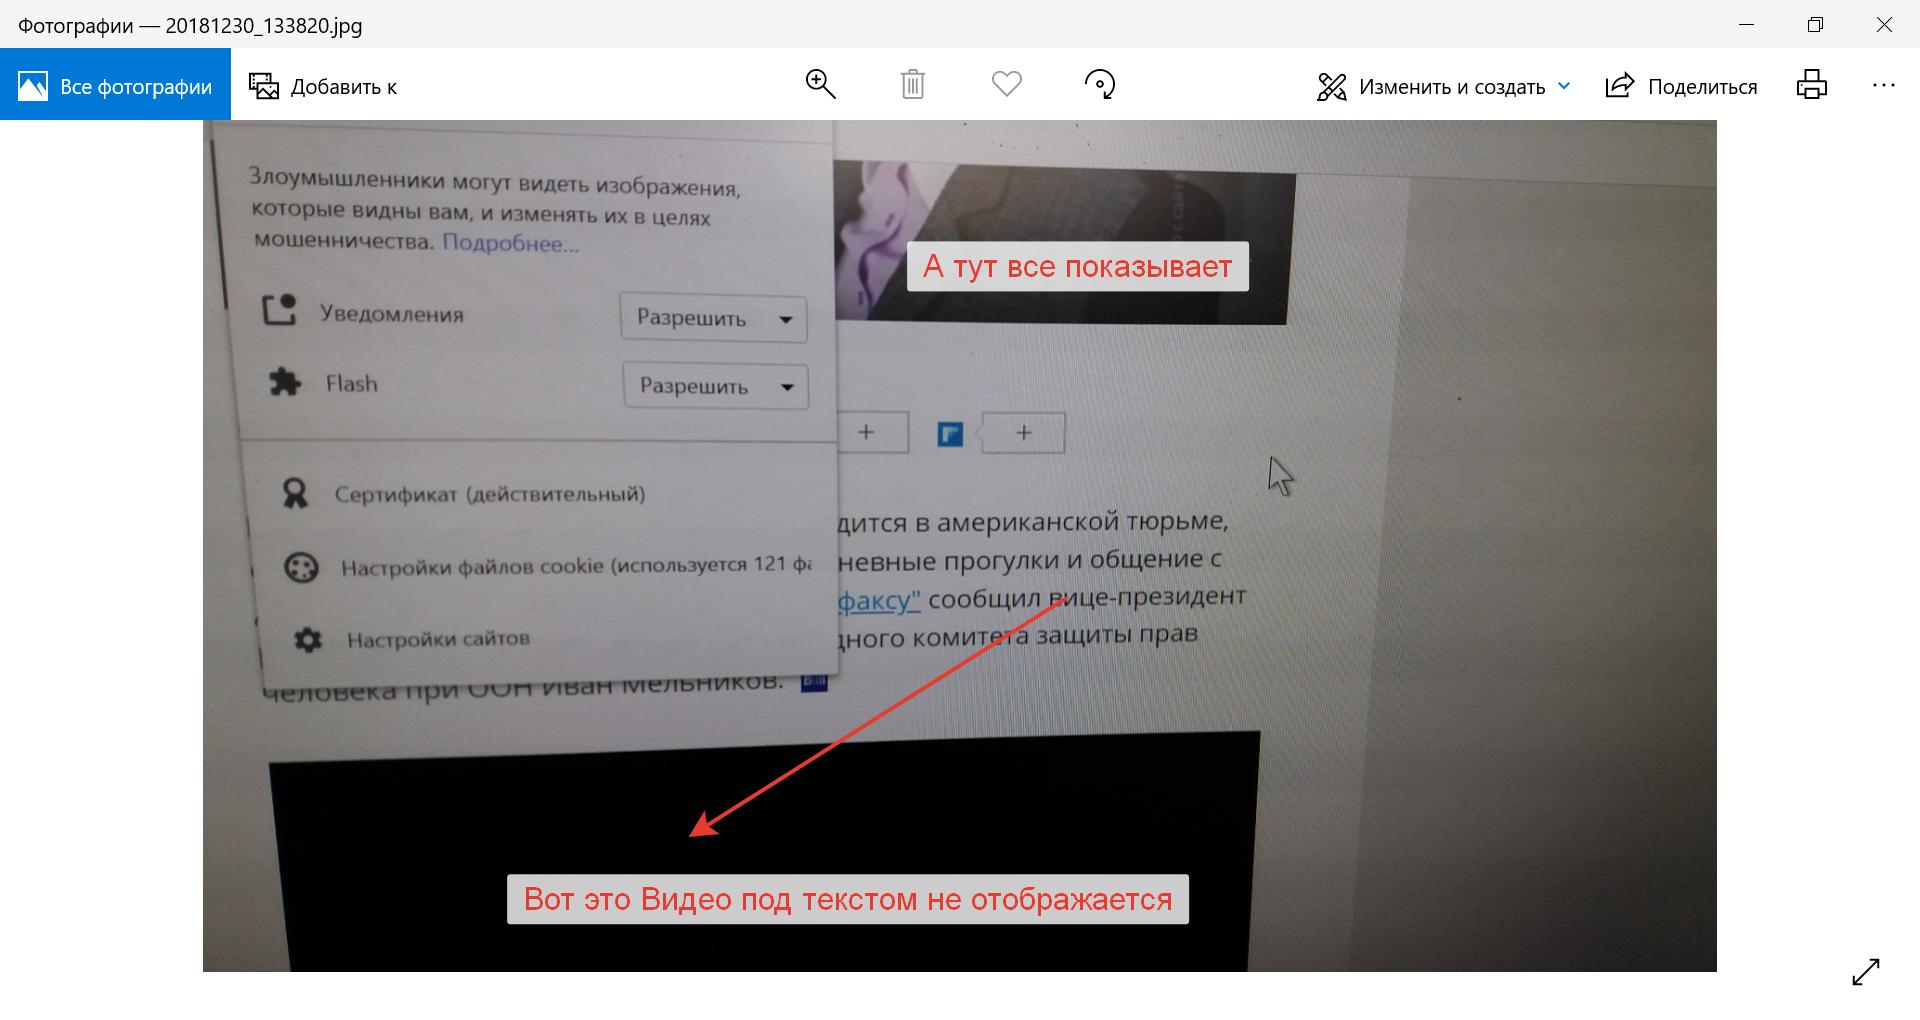 Не отображаются фотографии на сайте с планшета